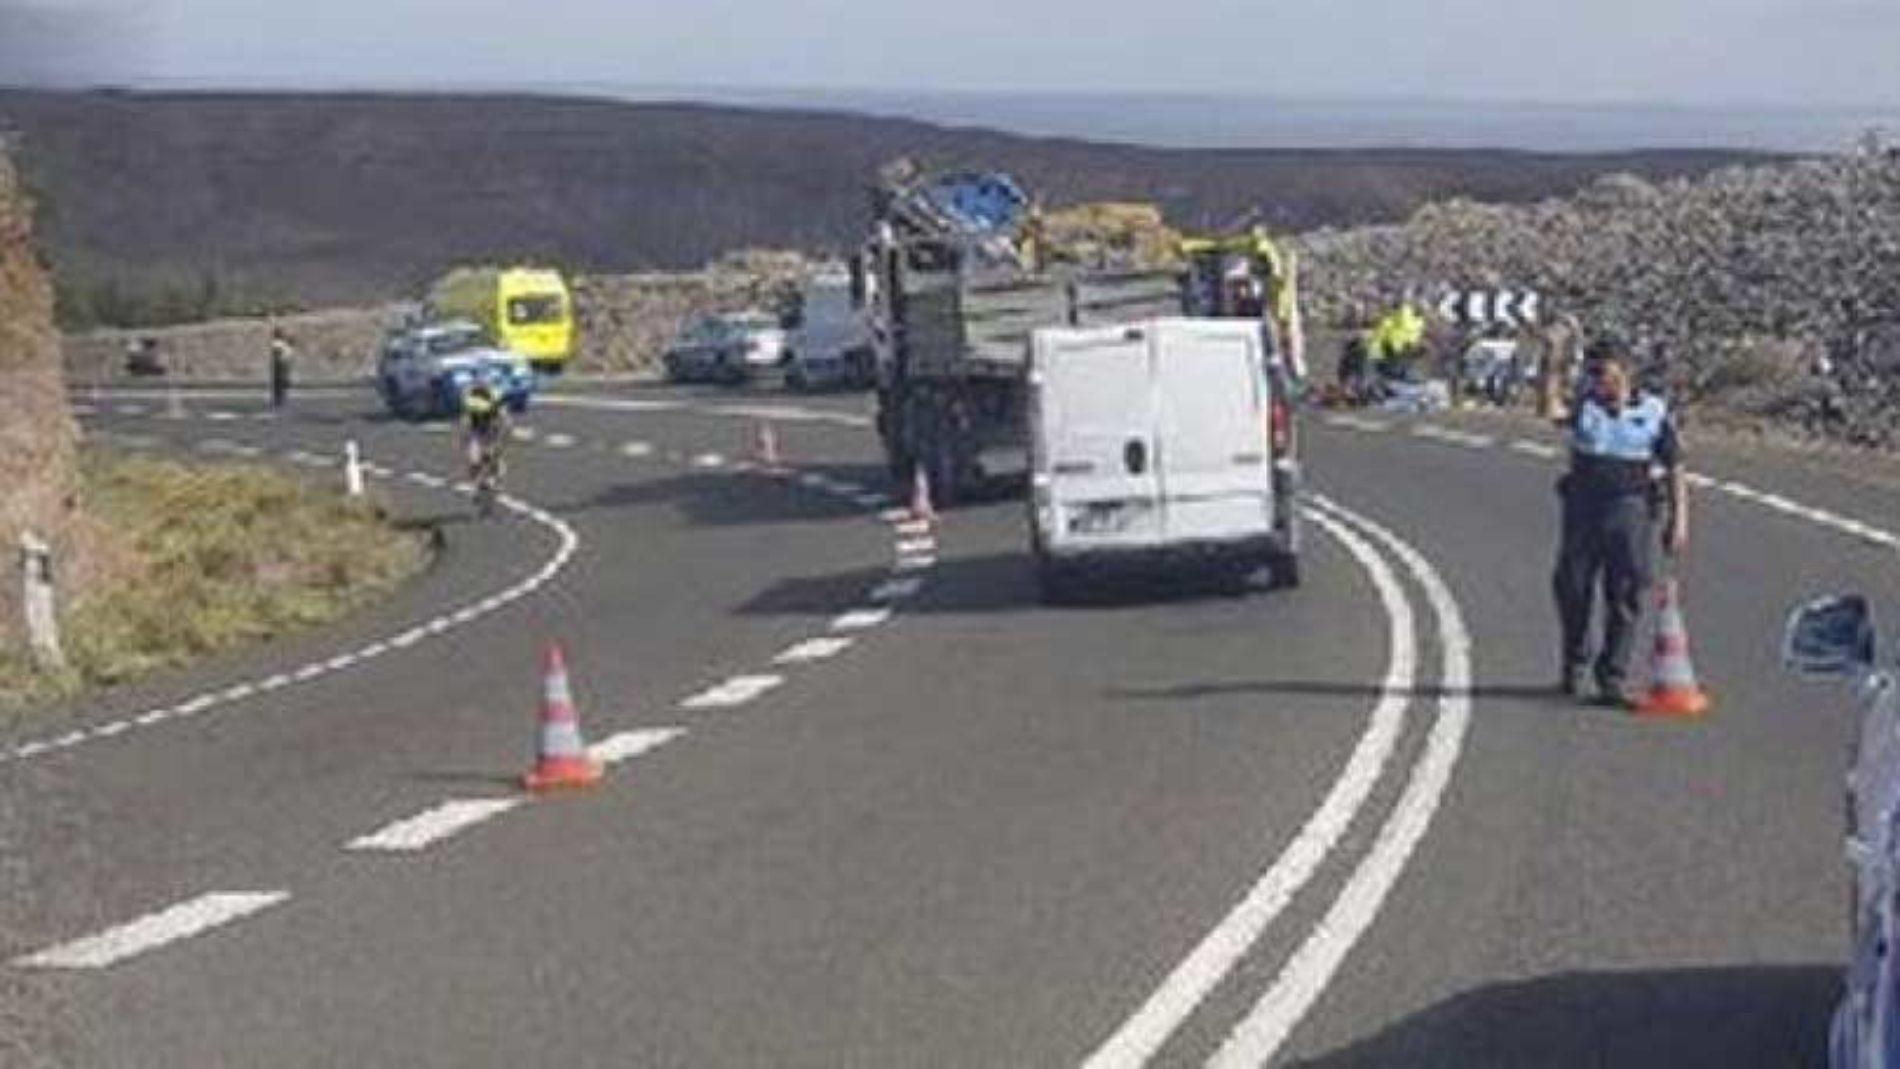 Dansk kvinne omkom i motorsykkel-ulykke på Fuerteventura